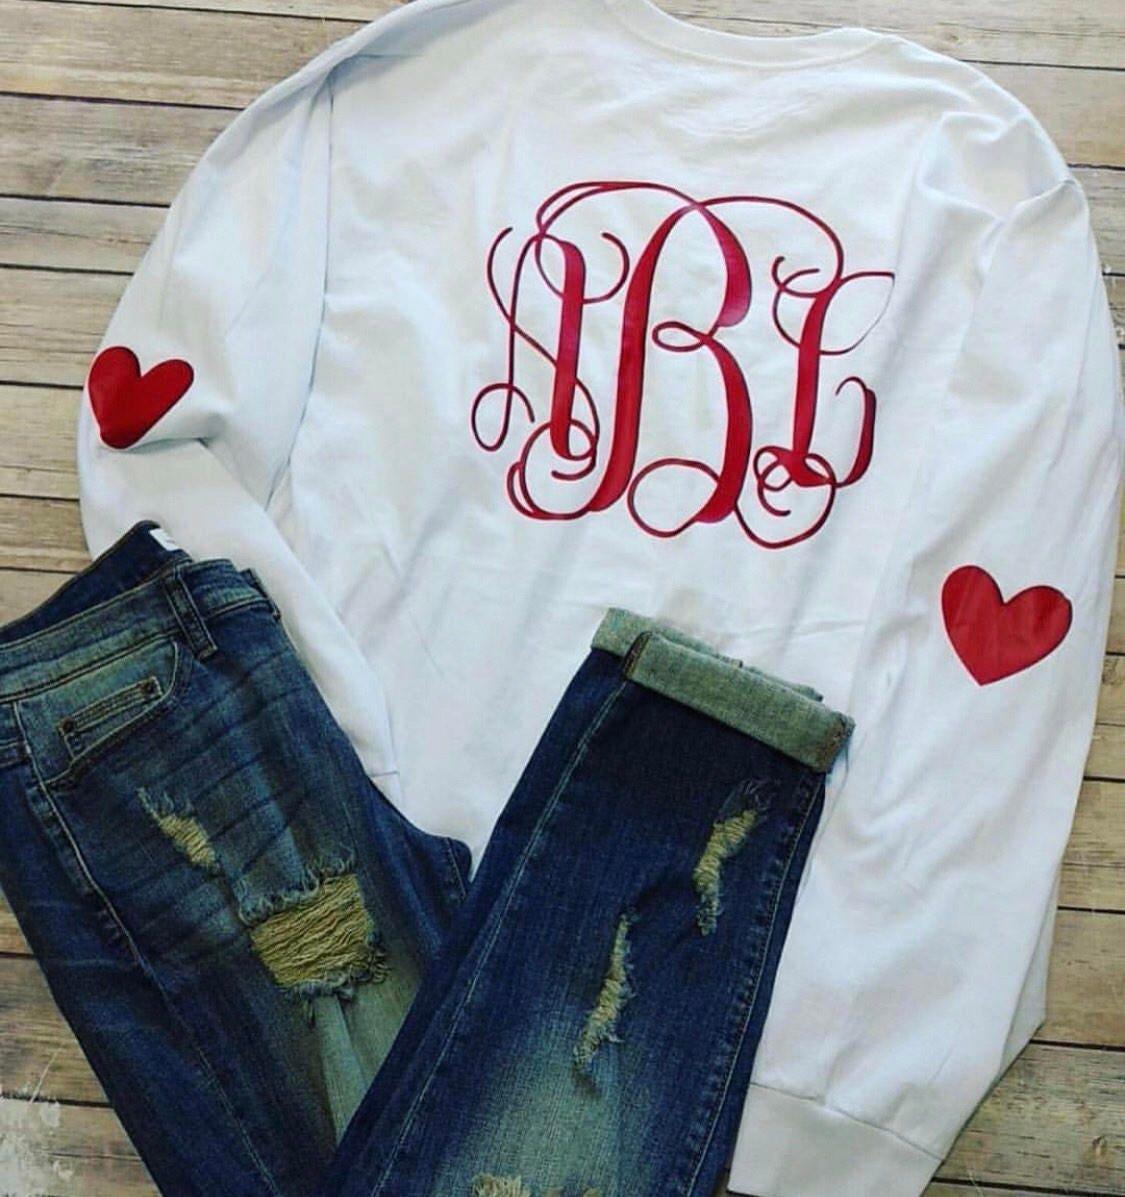 Southern stitch shirts